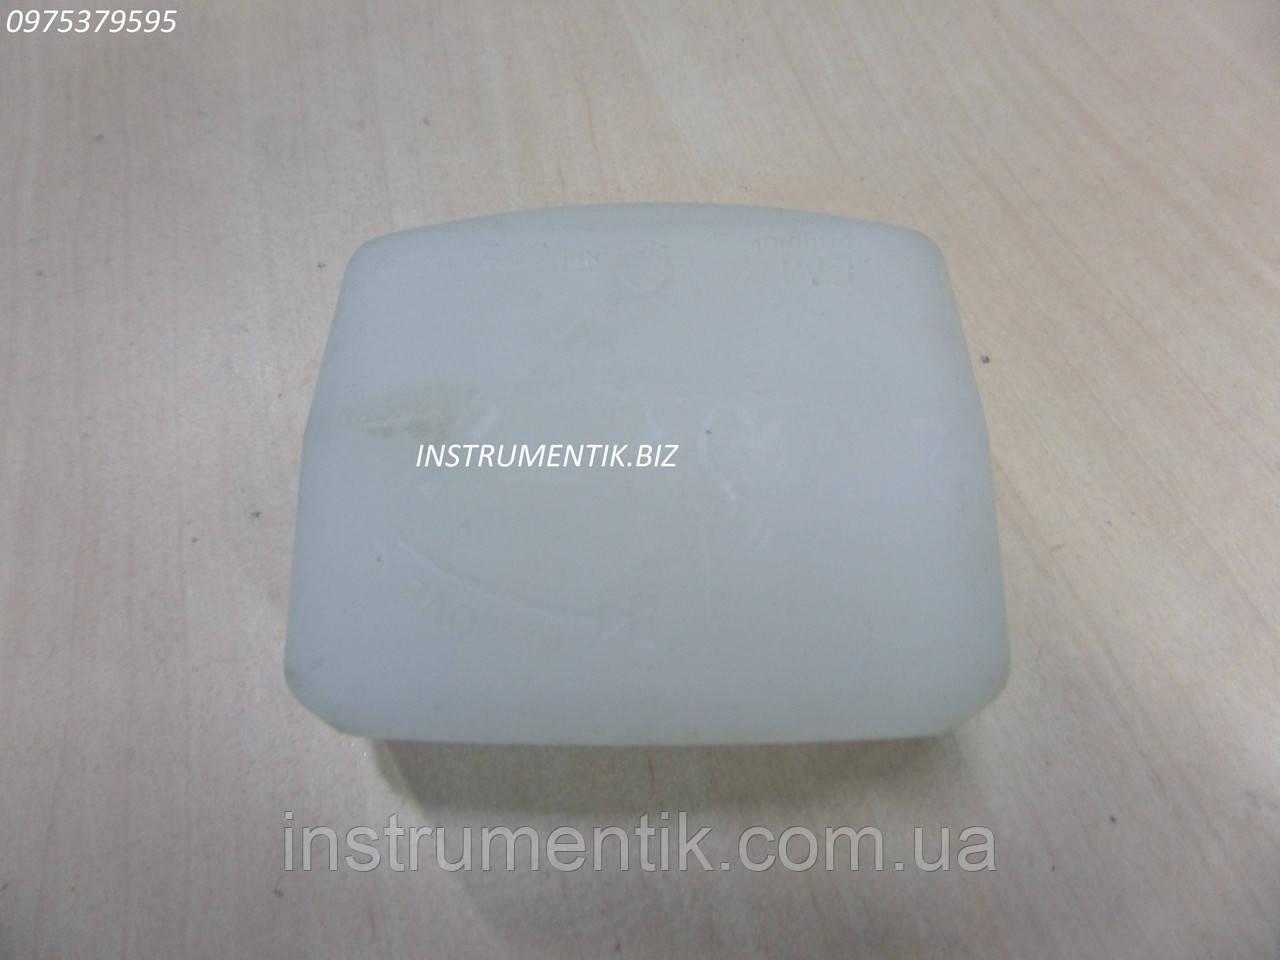 Повітряний фільтр winzor для Husqvarna 350,351,353